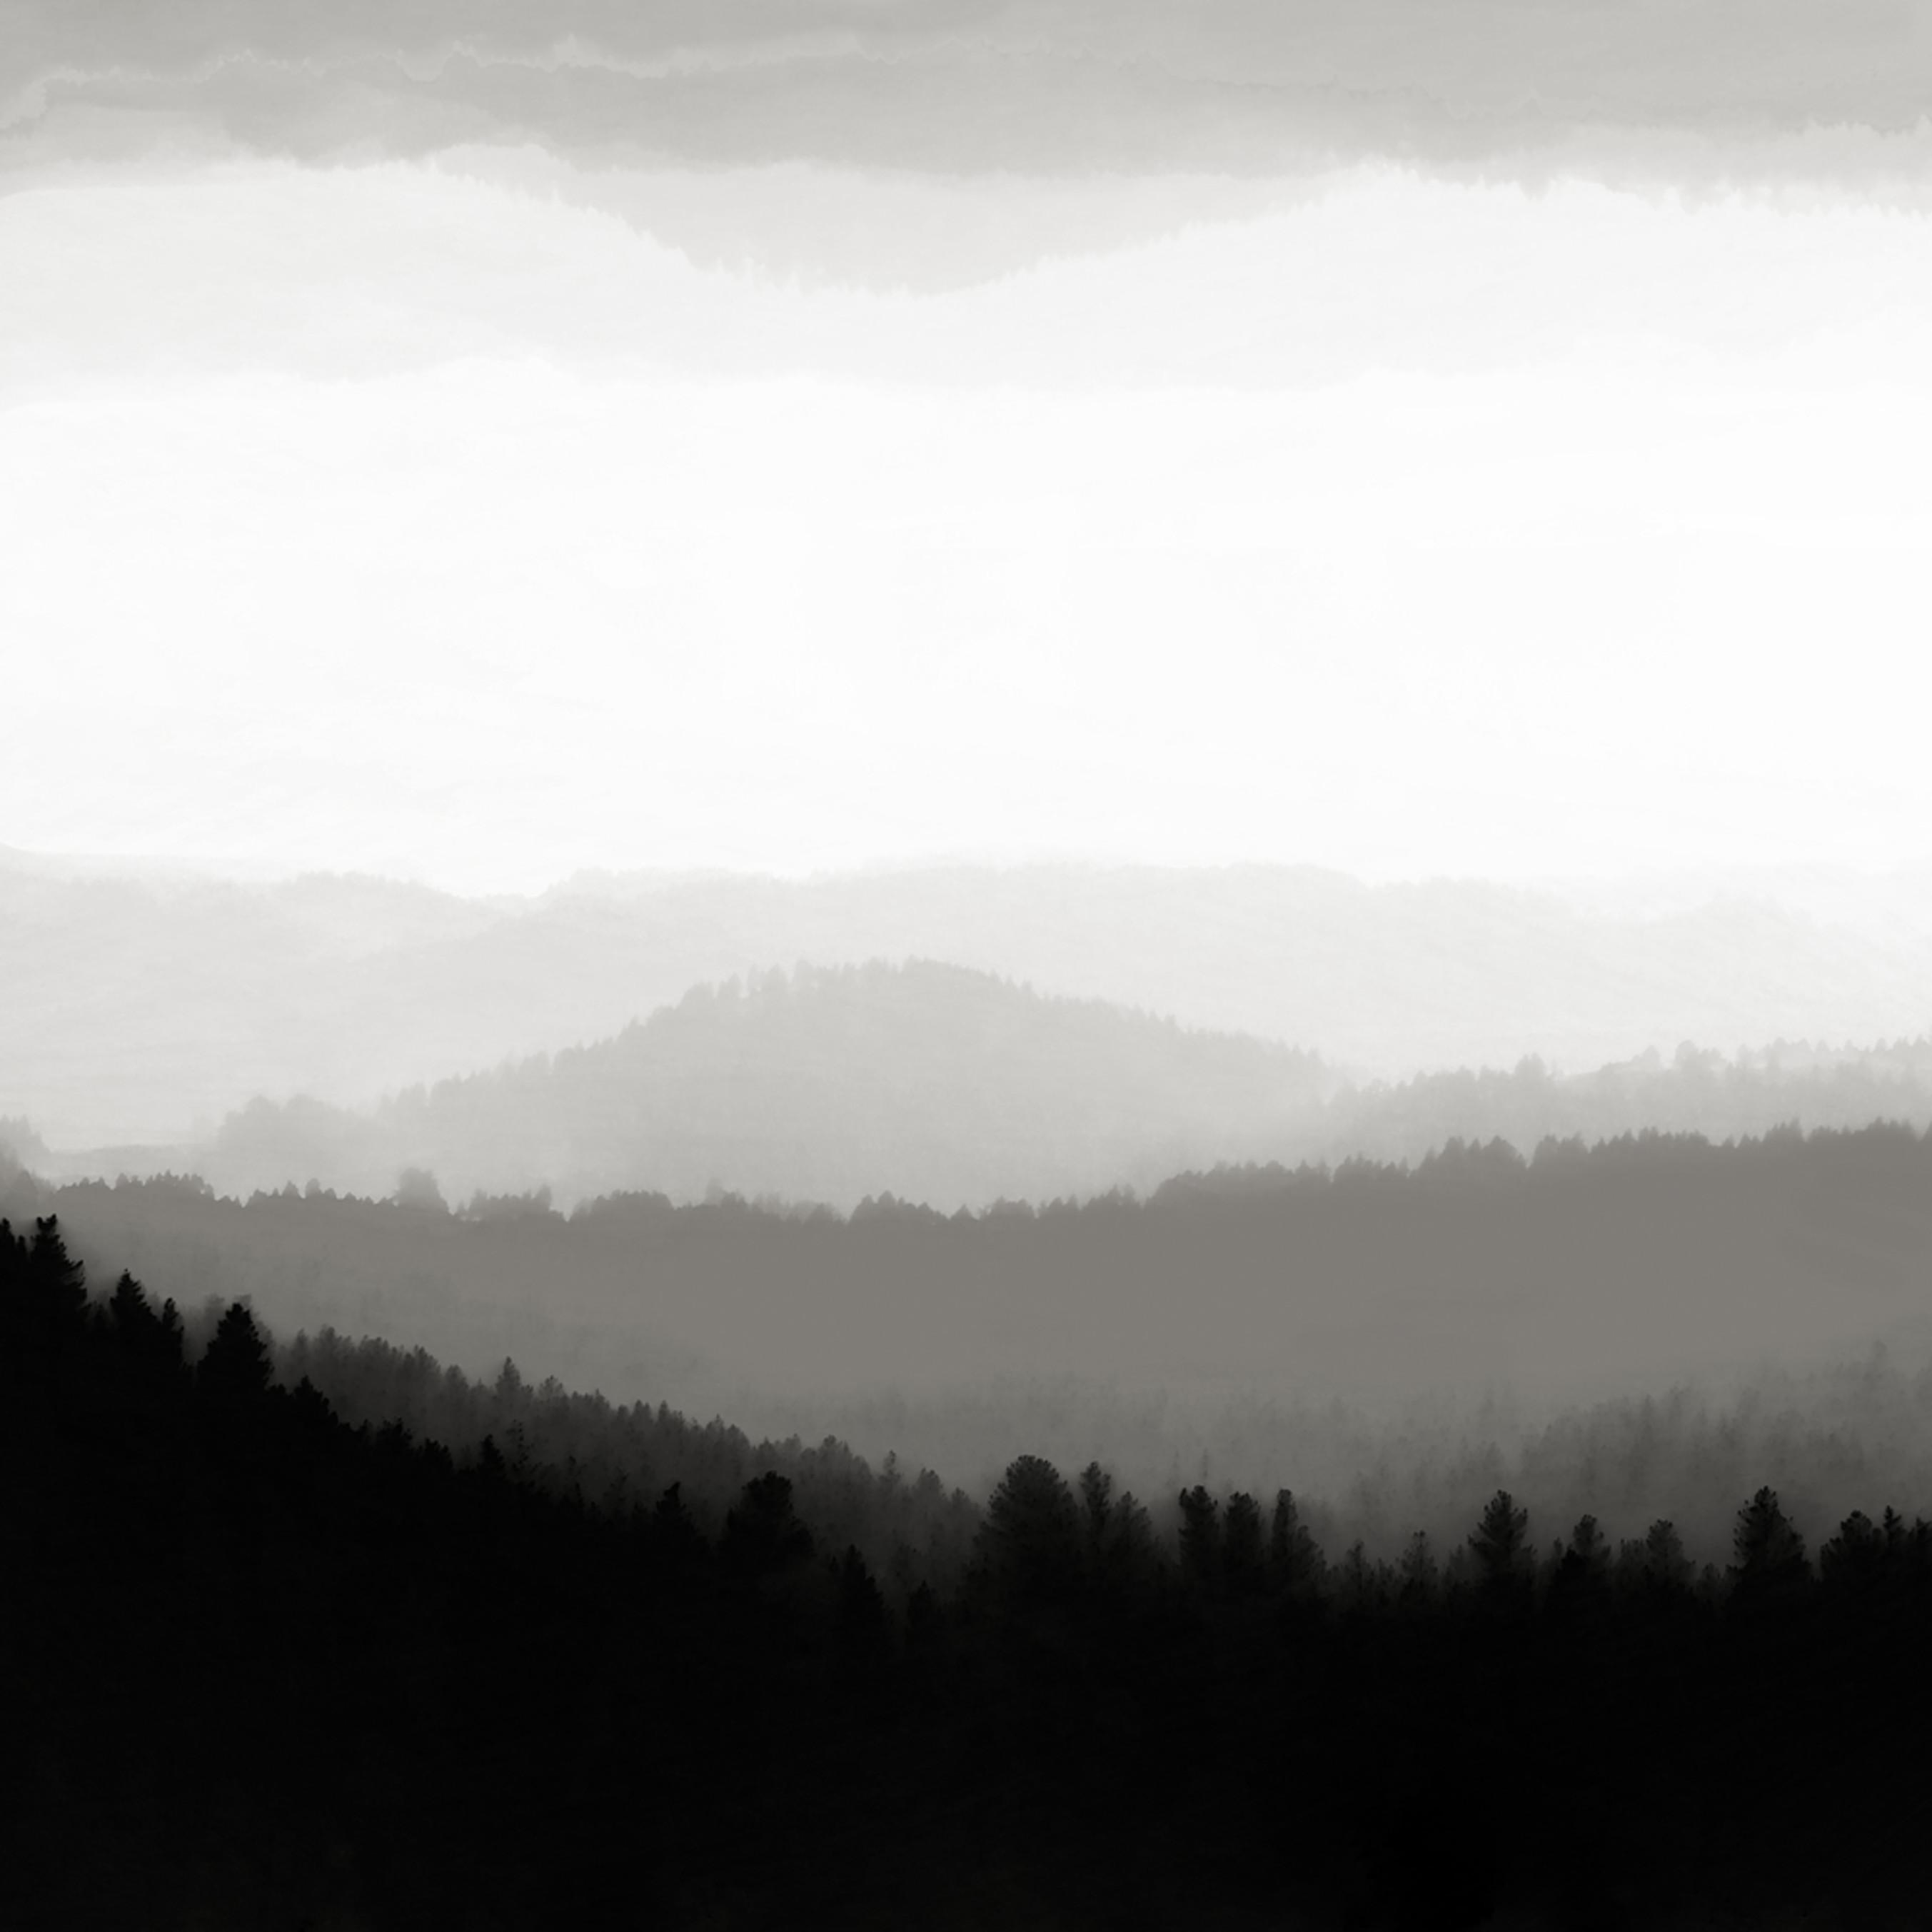 Morning fog ocpega